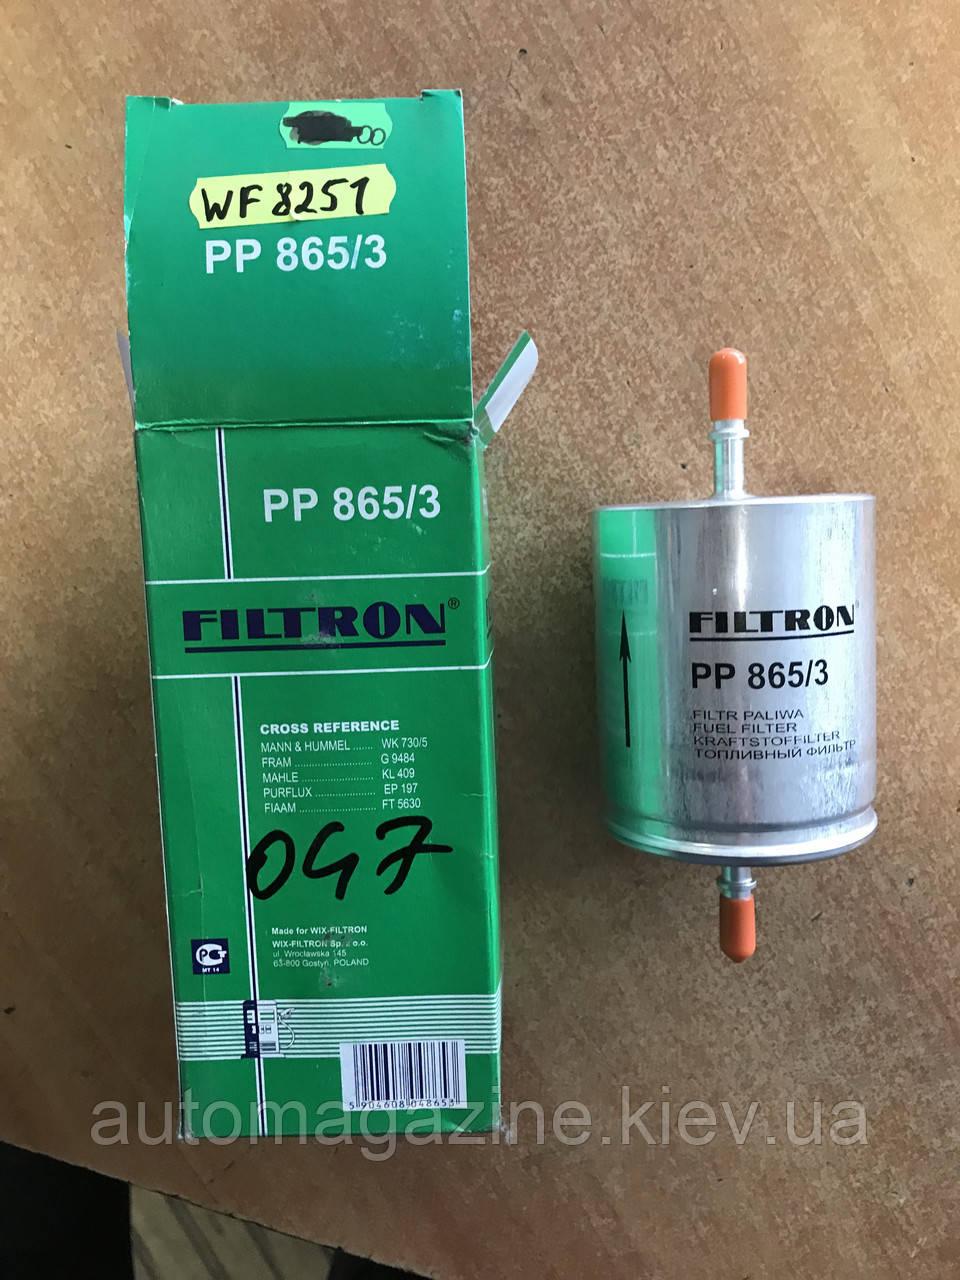 Фільтр паливний WF 8251 (PP865/3)